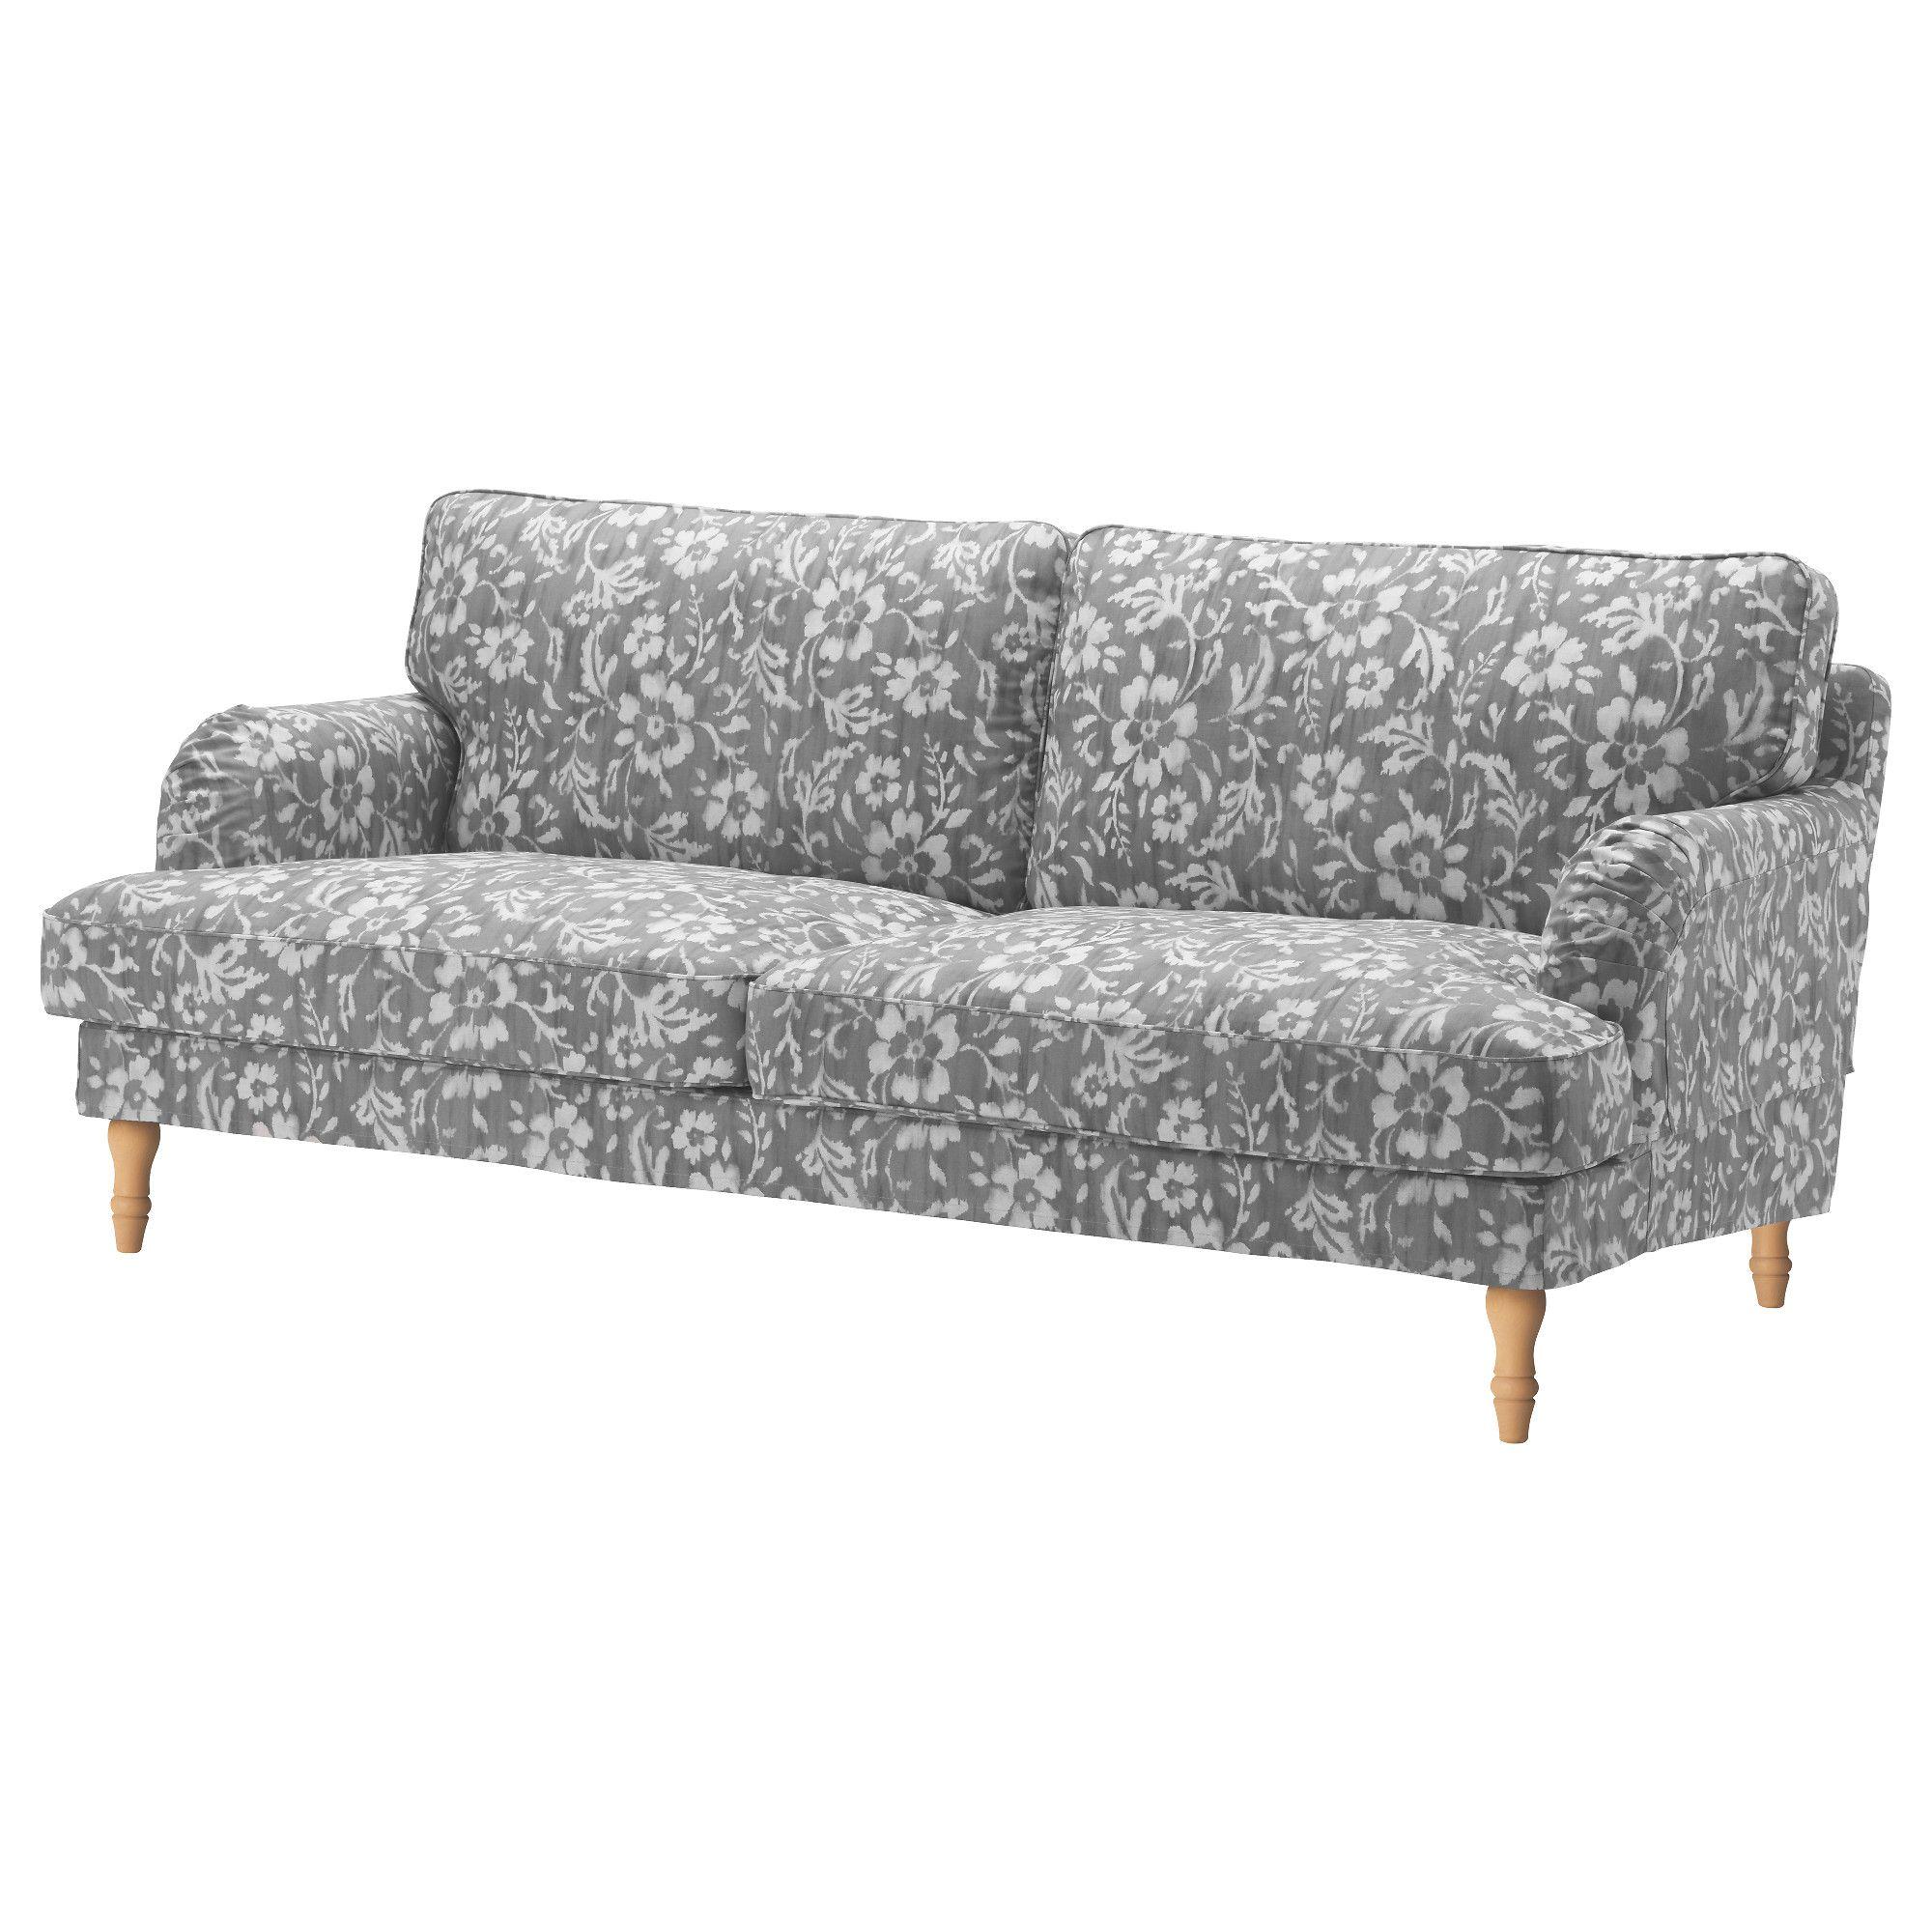 STOCKSUND 3er Sofa Hovsten grau weiß grau weiß Jetzt bestellen